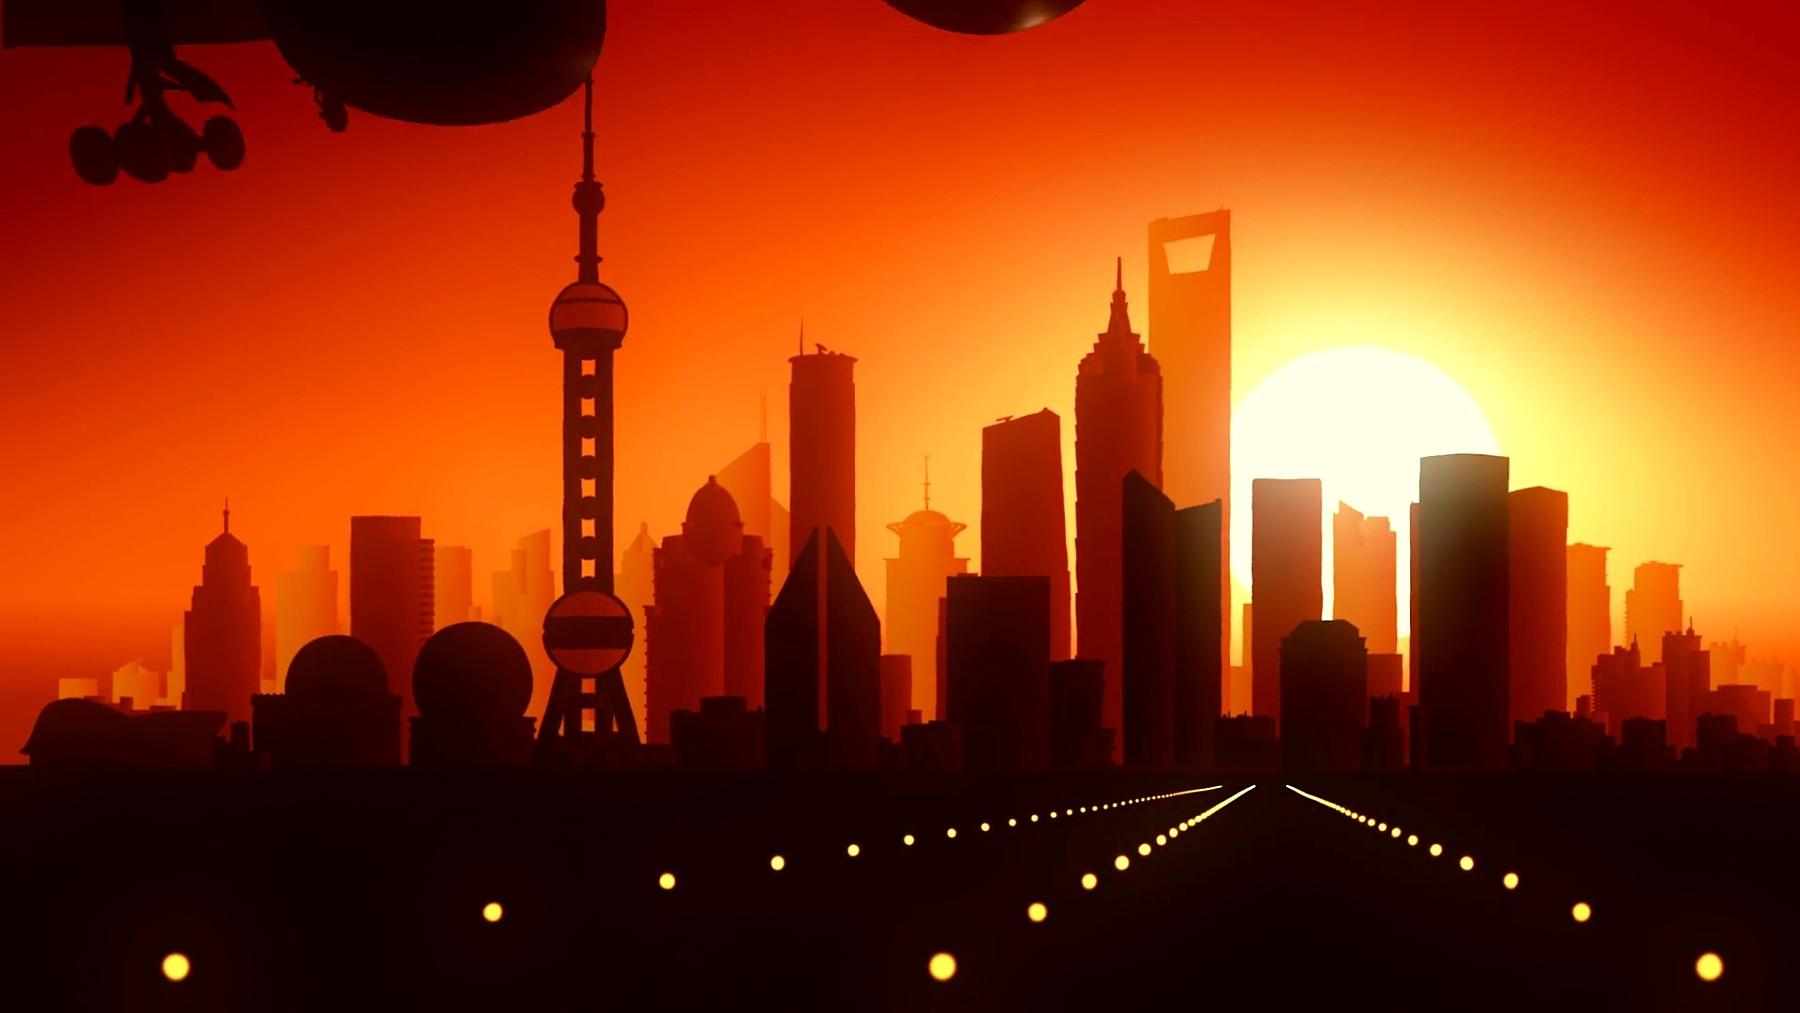 上海飞机降落天际线金色背景